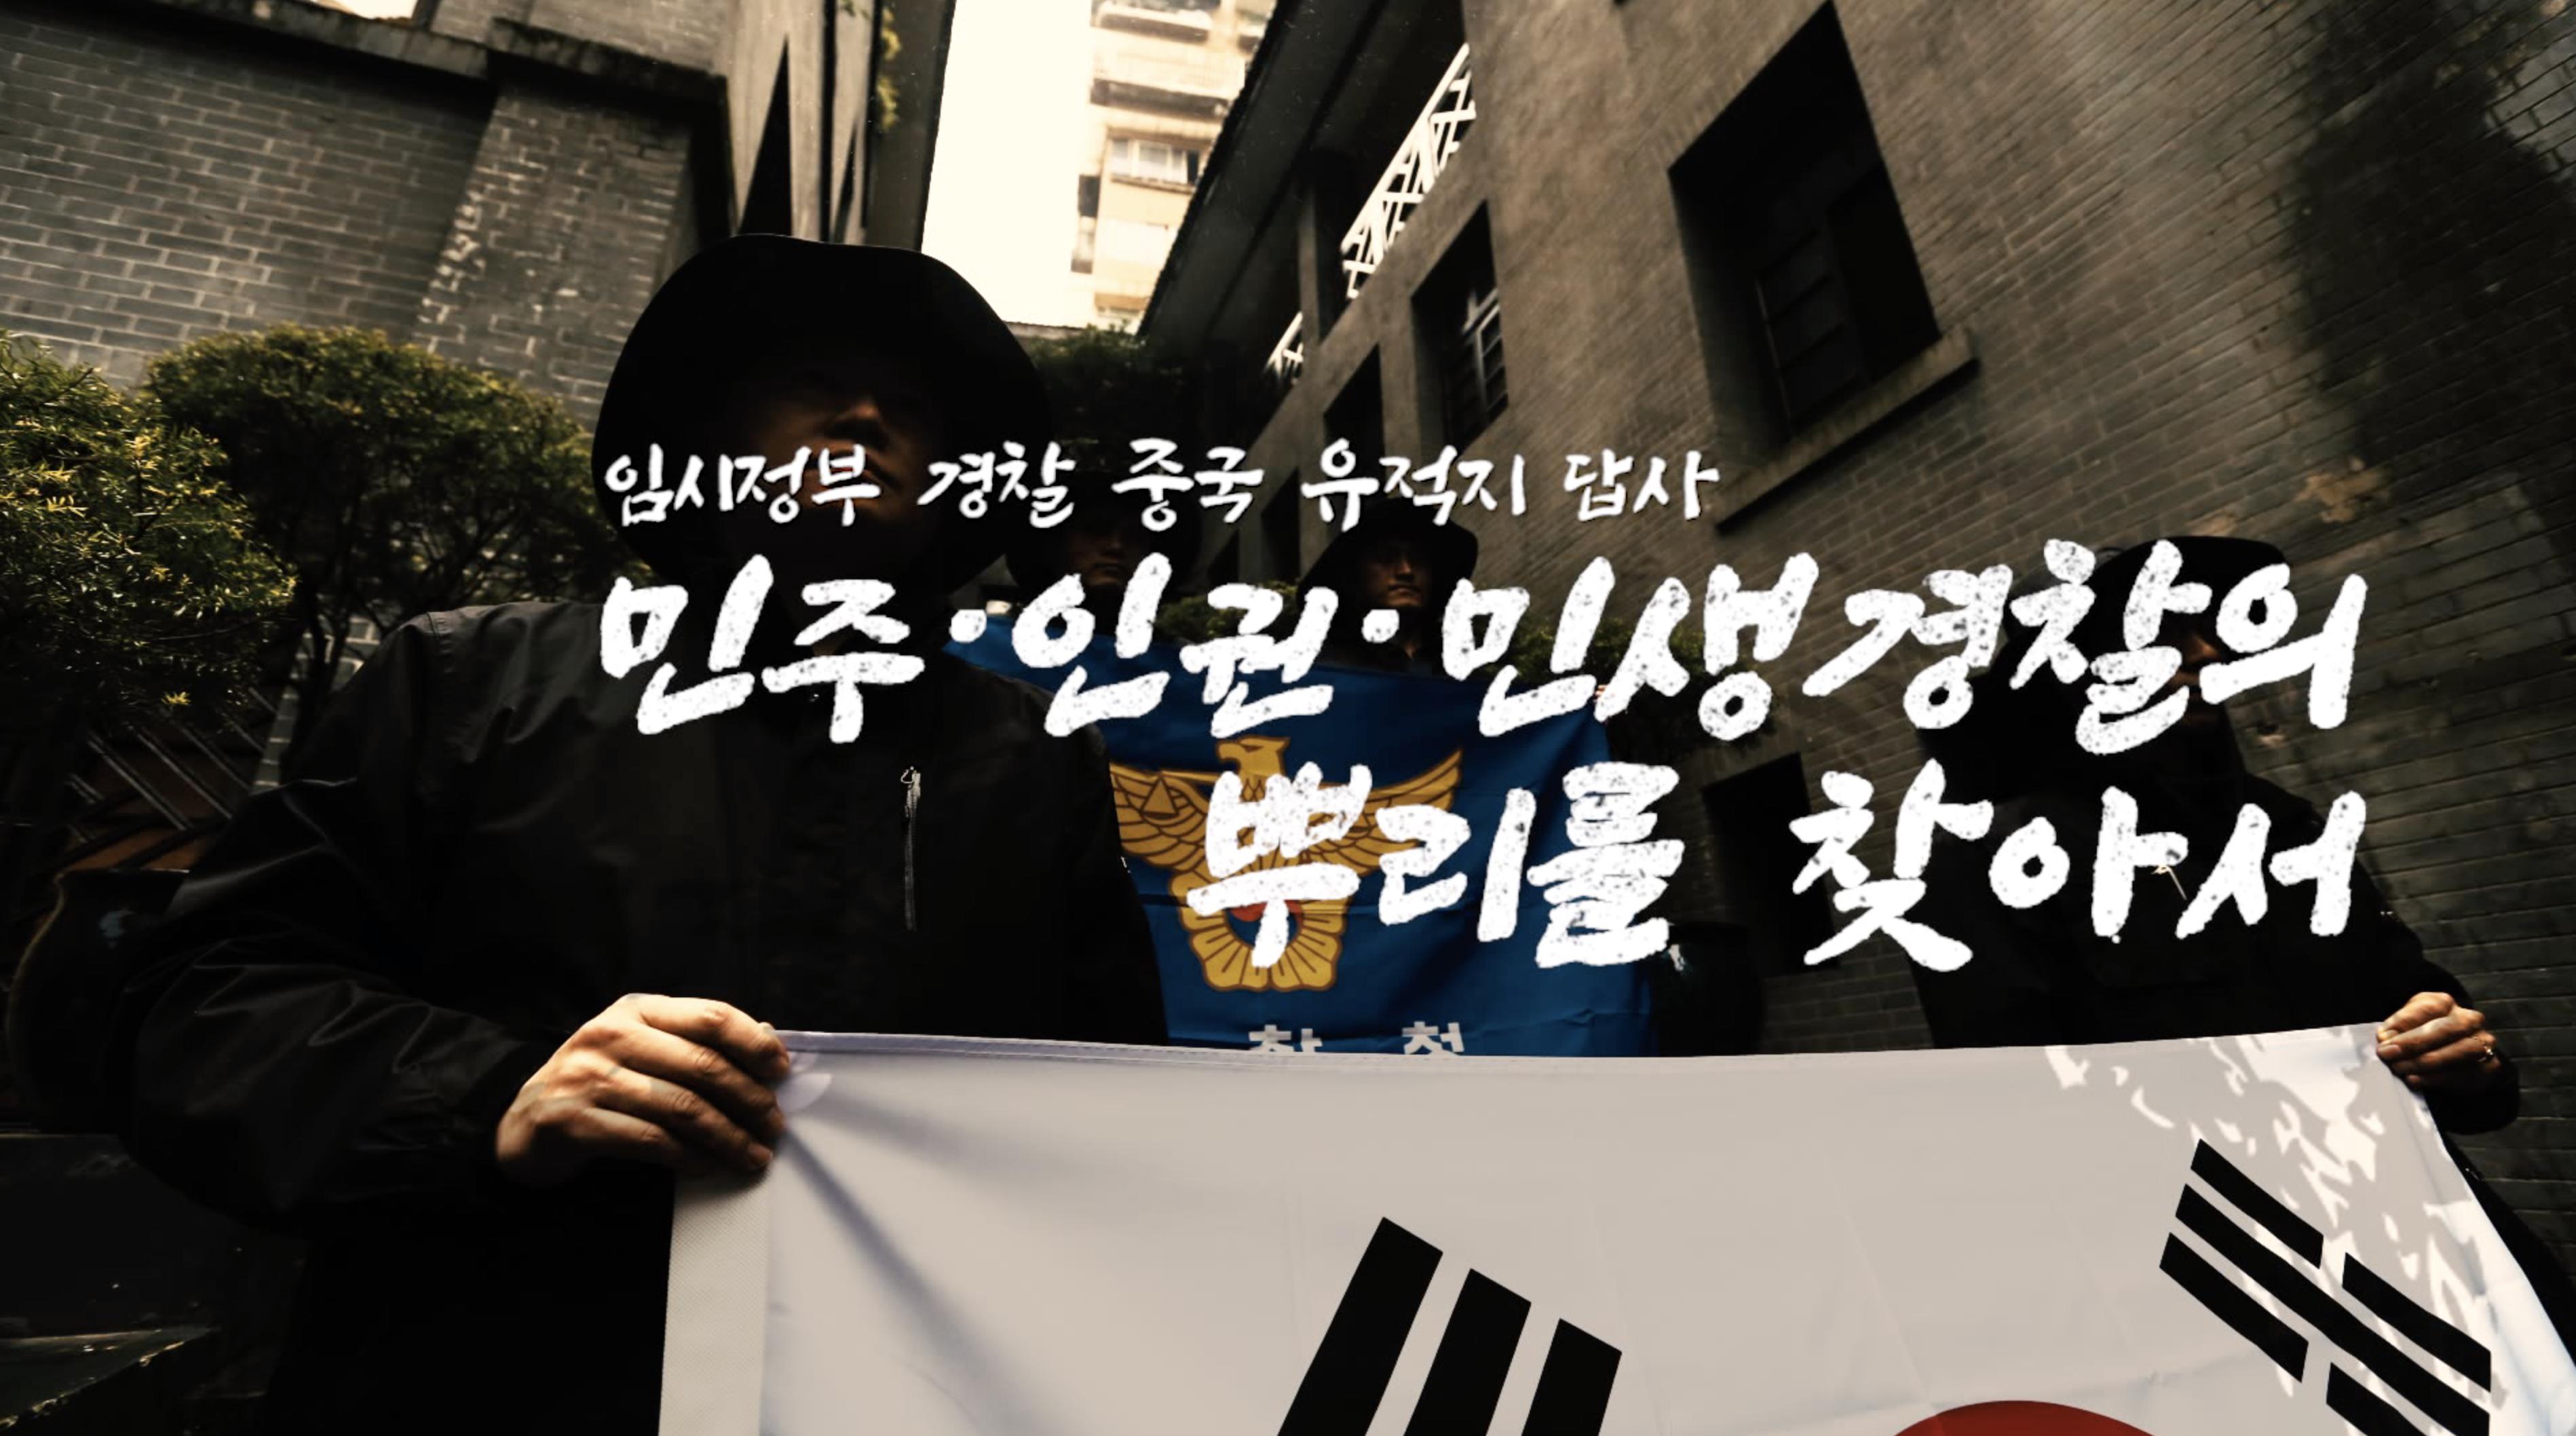 [영상] 임시정부 경찰 중국유적지 답사 민주·인권·민생경찰의 뿌리를 찾아서